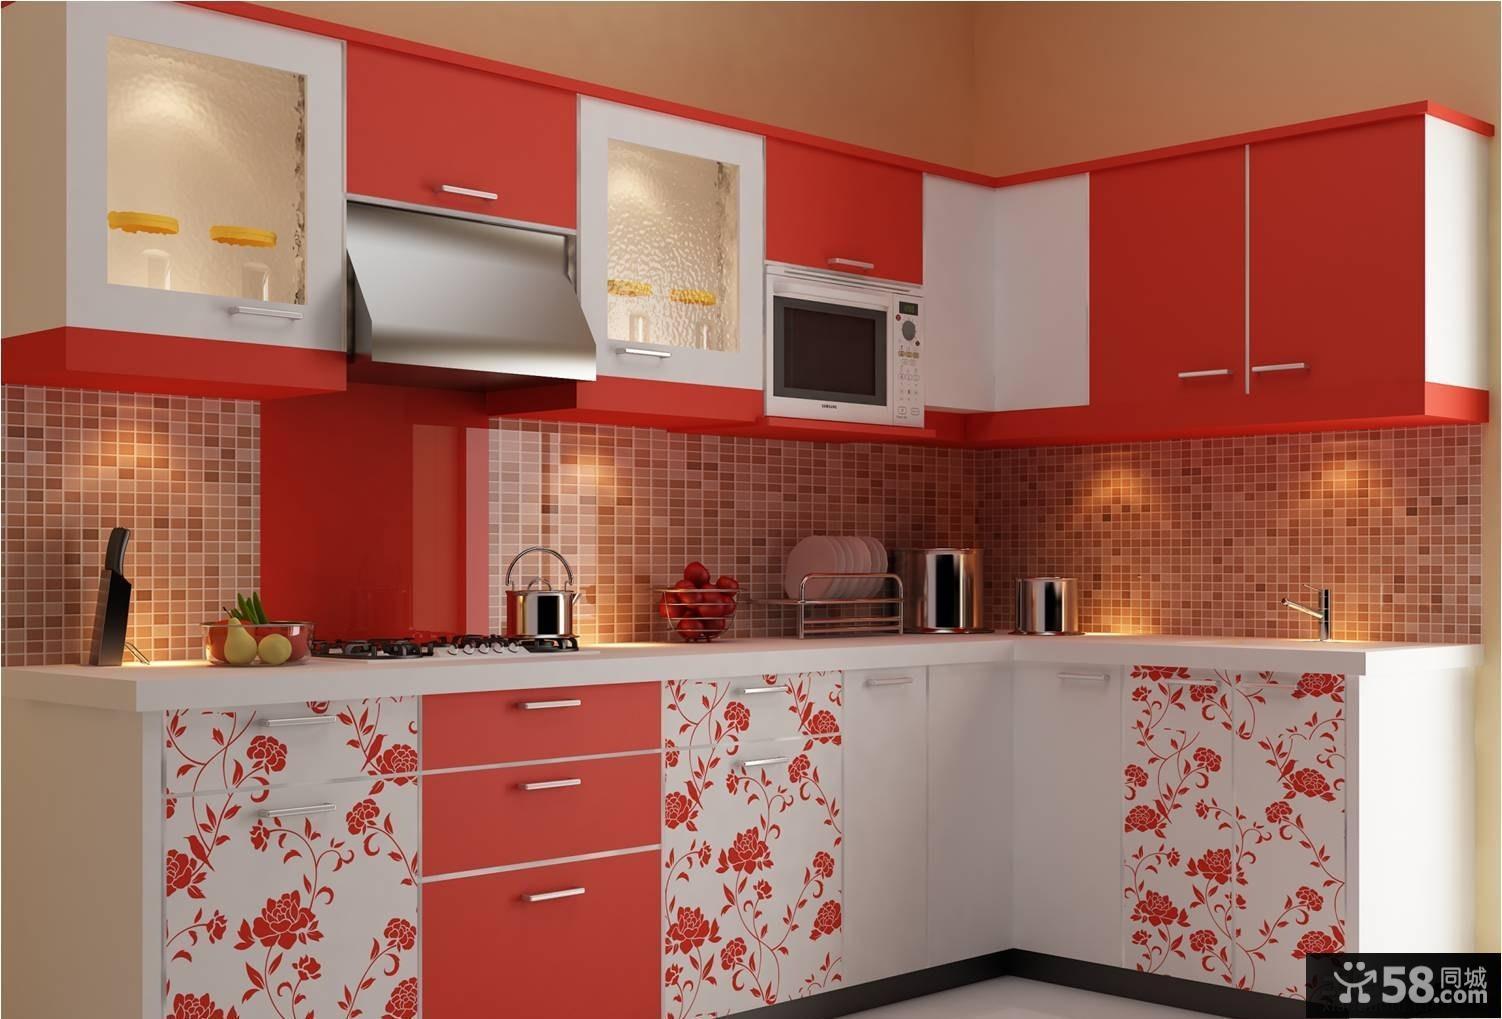 现代风格红白色橱柜设计